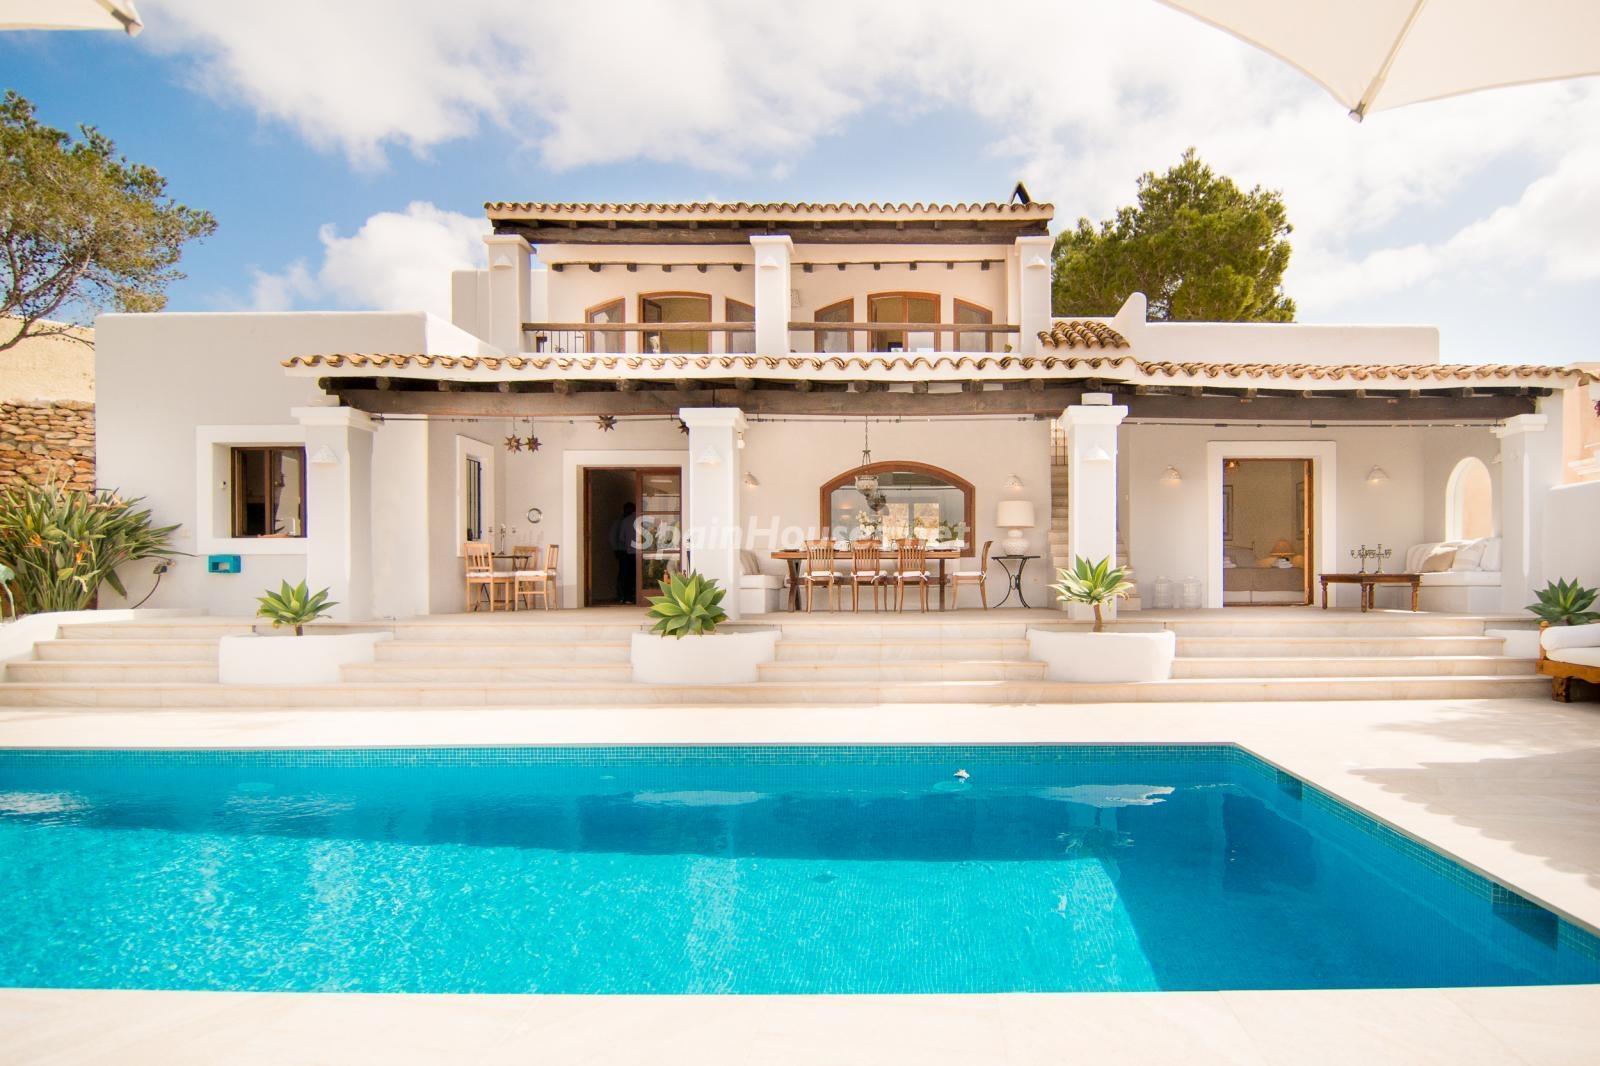 28039014 2091009 foto 901187 - ¡Disfruta en esta espectacular villa de unas merecidas vacaciones en Ibiza!